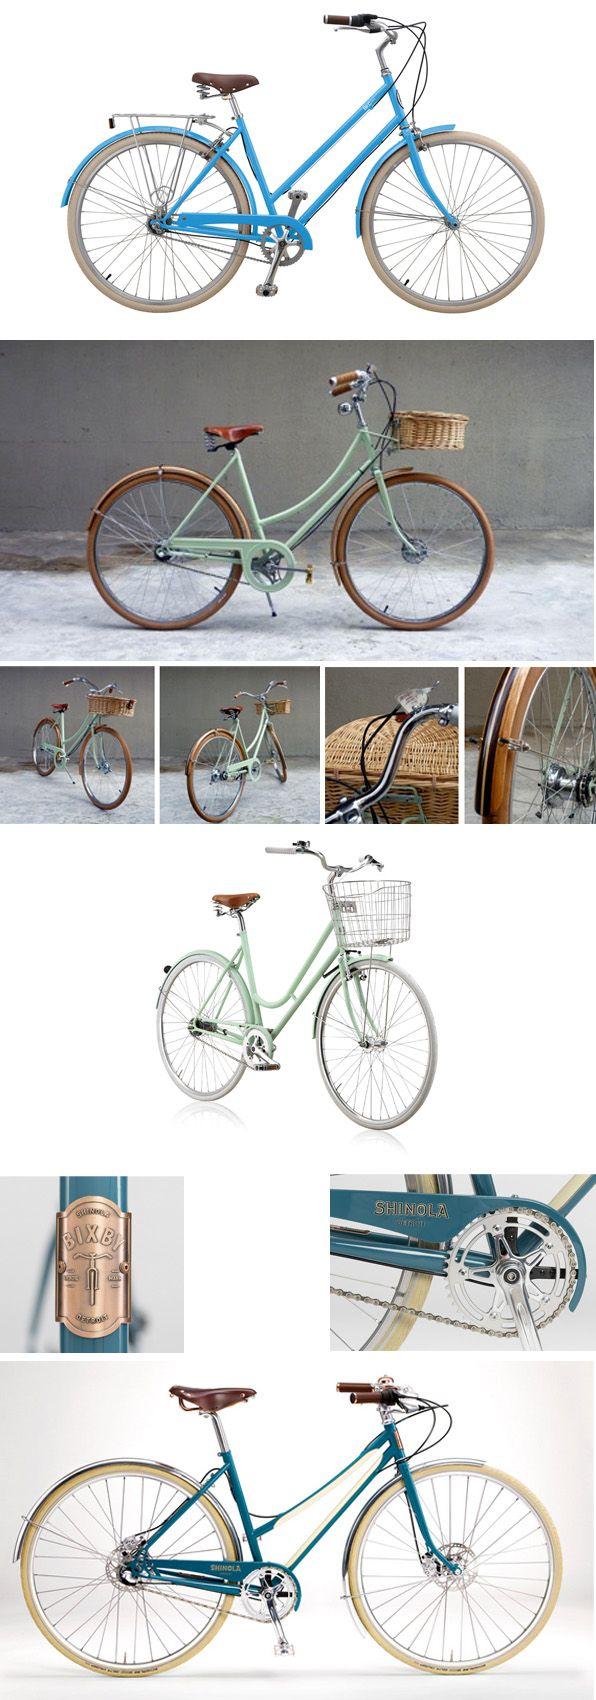 Ya sabéis de la pasión de MODUS-VIVENDI por las bicicletas, y como los días son largos y soleados aquí os traemos una selección de bicicletas de mujer a modo de lista de deseos… ¿los Reyes Magos no venían en Mayo? Aquí podéis ver de dónde son los modelos SHINOLA HEIDI Velocommute Bike STEP-THROUGH … … Sigue leyendo →